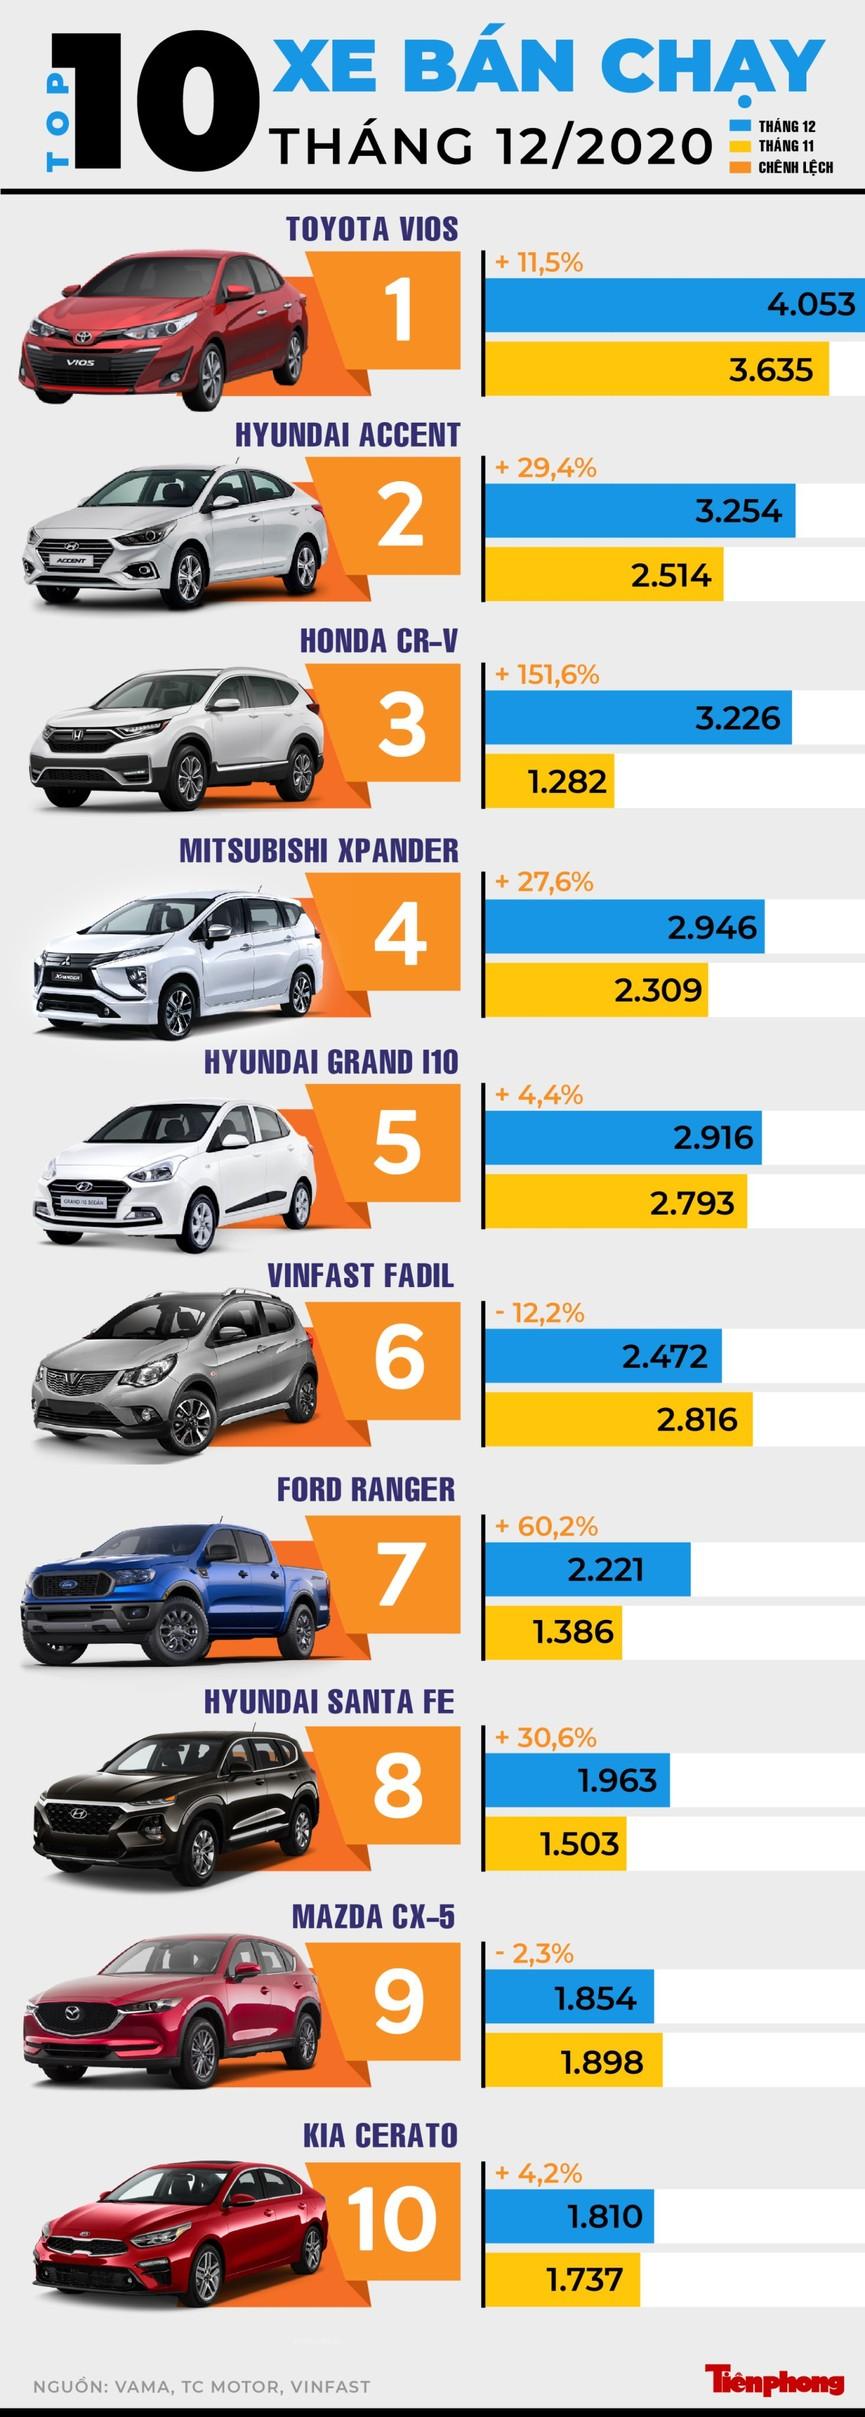 Top 10 mẫu xe hút khách nhất tháng 12 - ảnh 1